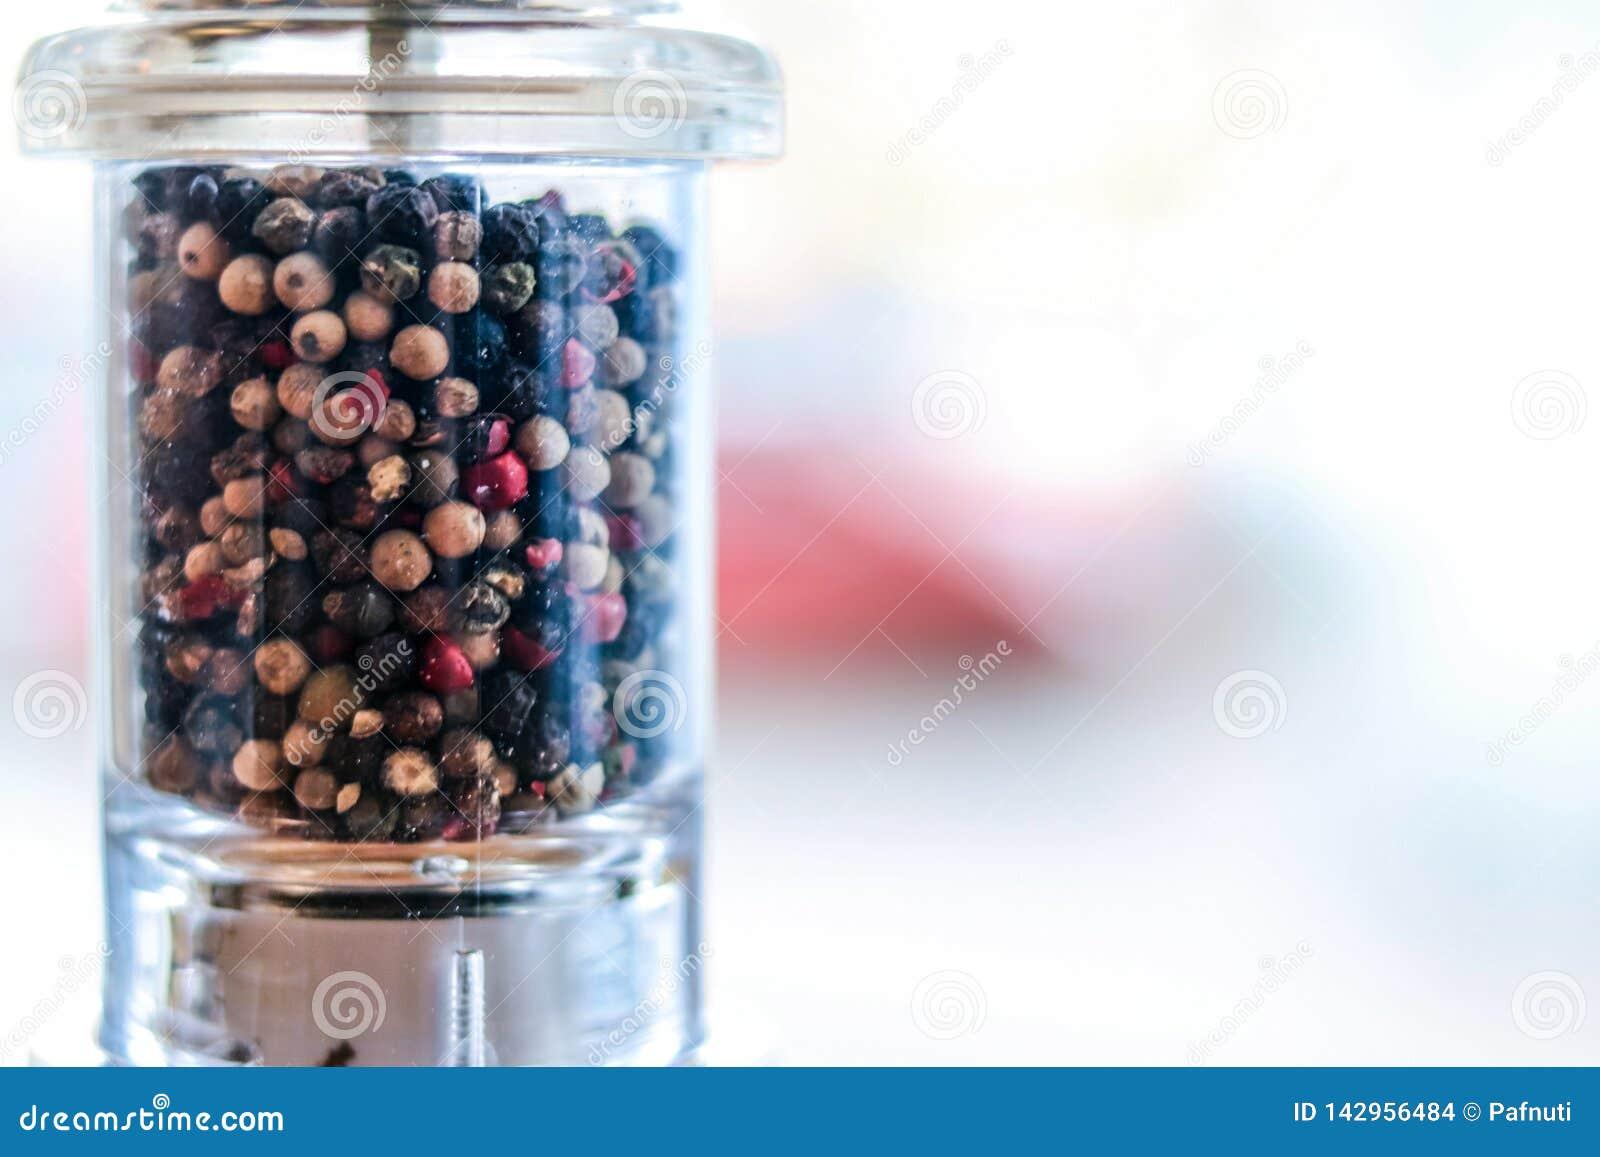 Black pepper shaker